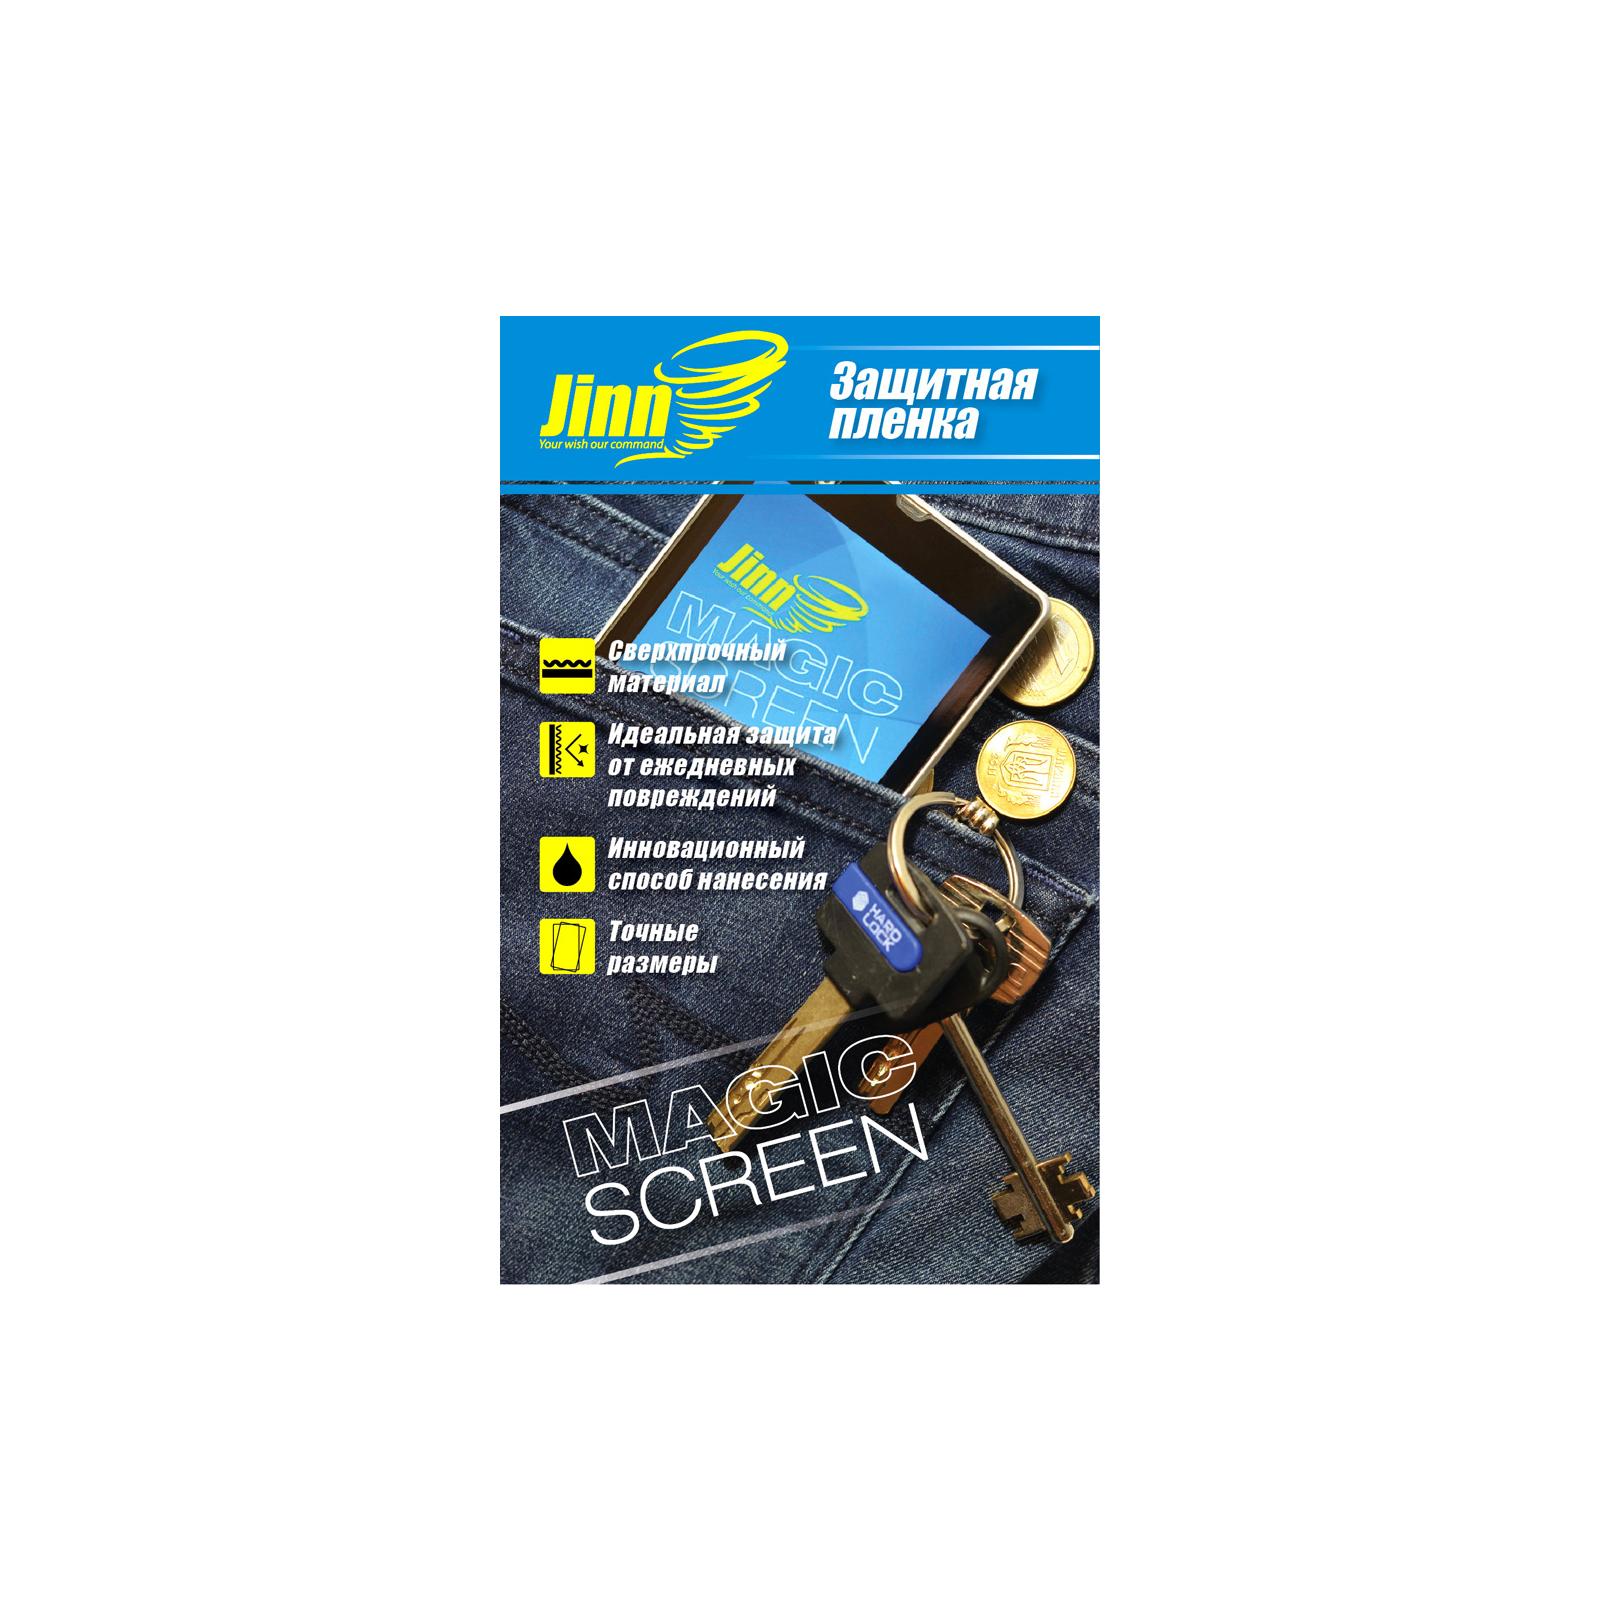 Пленка защитная JINN ультрапрочная Magic Screen для LG Optimus G E975 (LG Optimus G front)